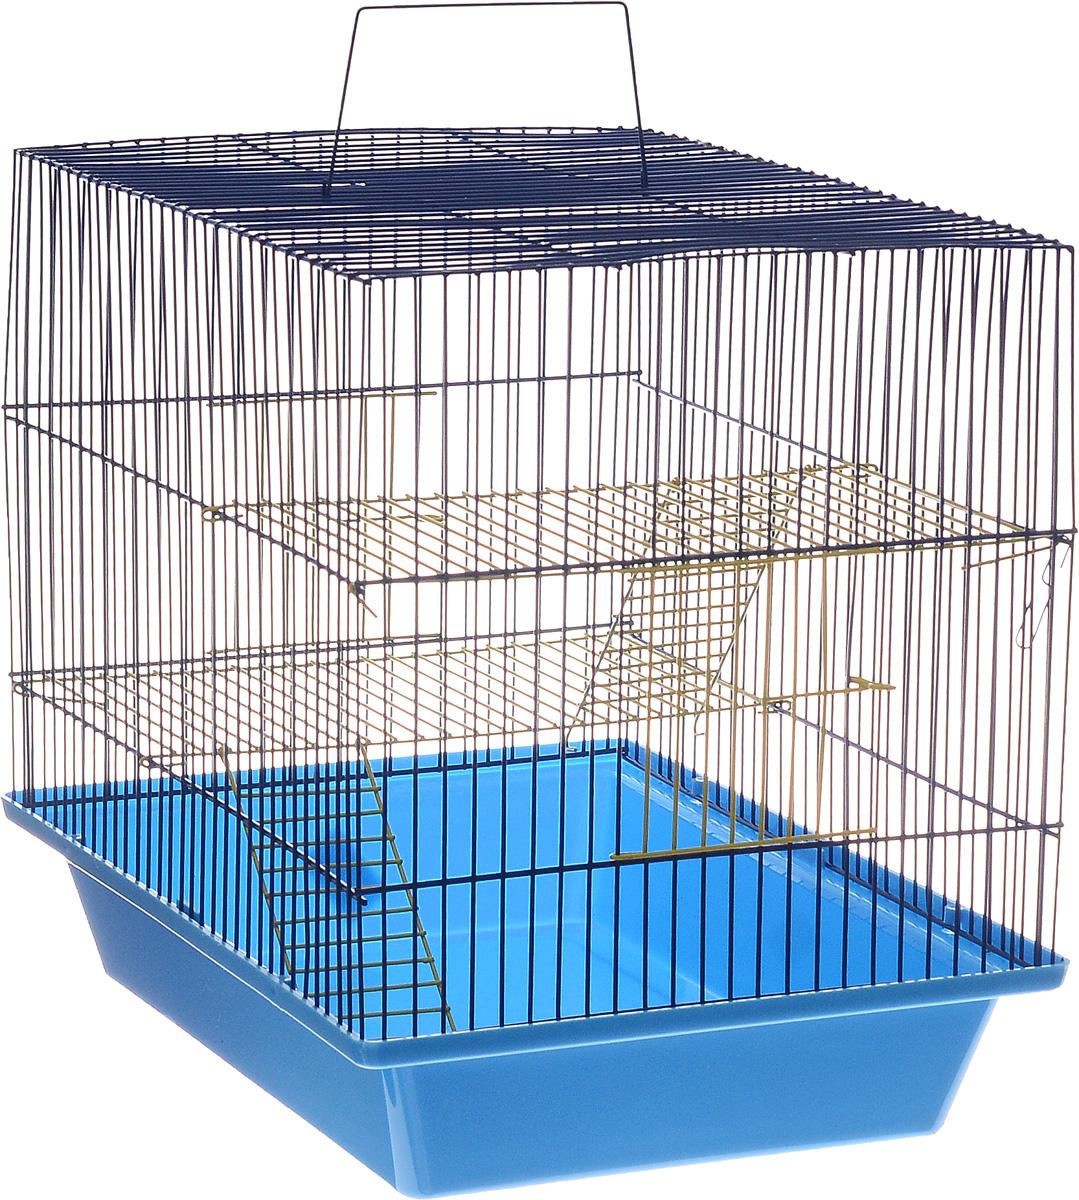 Клетка для грызунов ЗооМарк Гризли, 3-этажная, цвет: синий поддон, синяя решетка, желтые этажи, 41 х 30 х 36 см230жССКлетка ЗооМарк Гризли, выполненная из полипропилена и металла, подходит для мелких грызунов. Изделие трехэтажное. Клетка имеет яркий поддон, удобна в использовании и легко чистится. Сверху имеется ручка для переноски. Такая клетка станет уединенным личным пространством и уютным домиком для маленького грызуна.